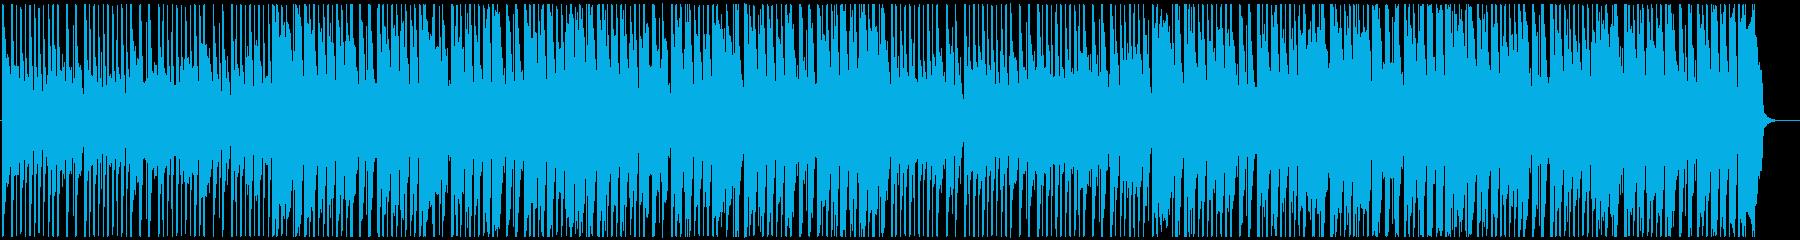 明るい4つ打ちガールズK-POPの再生済みの波形